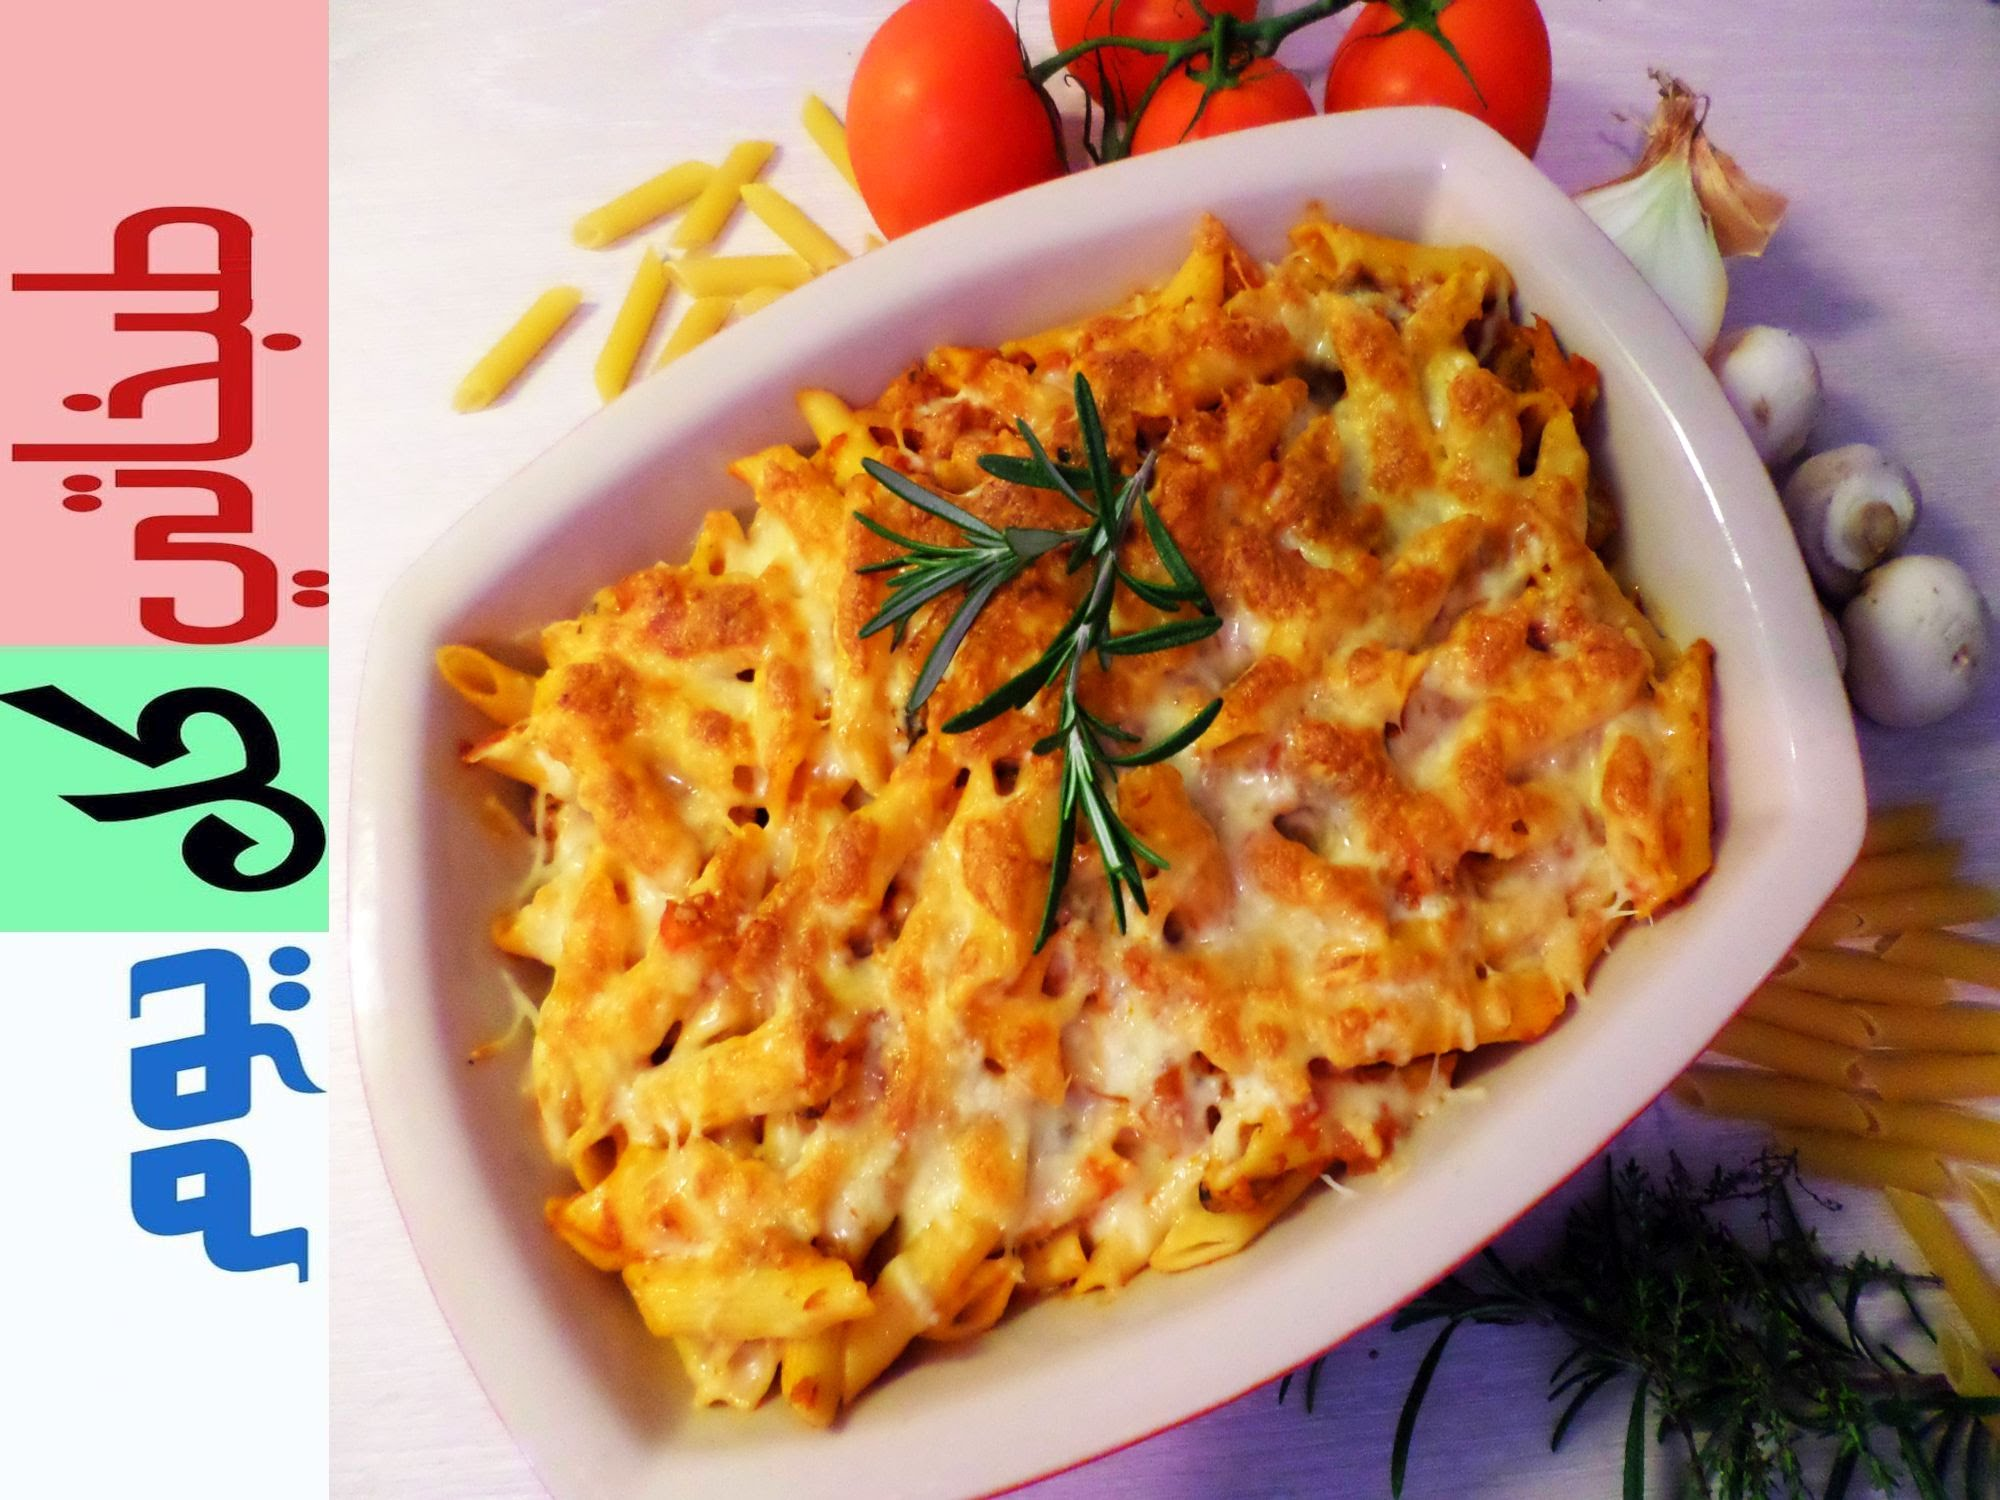 بالصور طبخه سهله , وصفات سهله للطبخ 3392 5